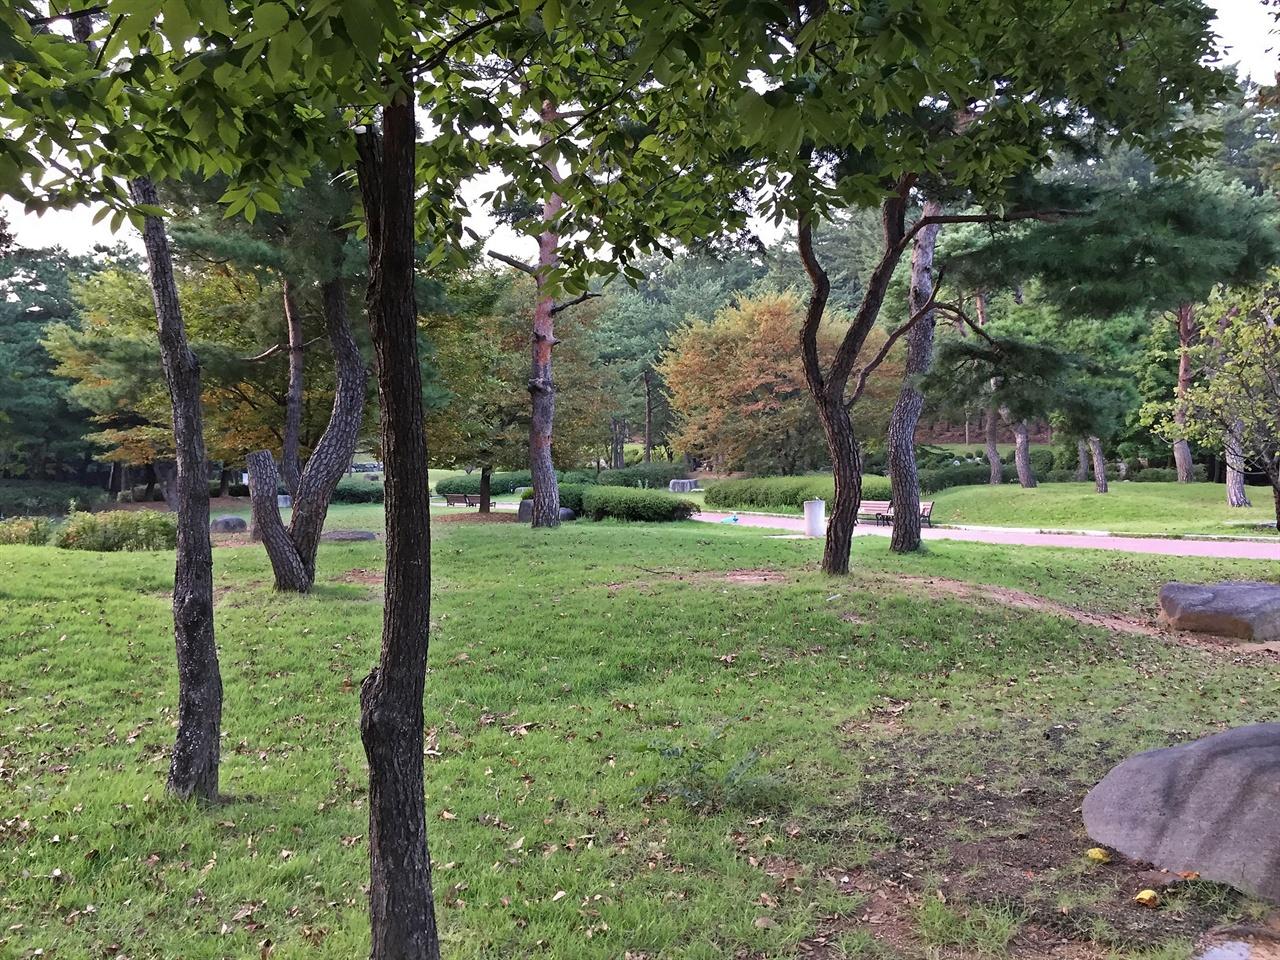 가족단위 피크닉 명소로 유명한 경주 흥무공원 모습